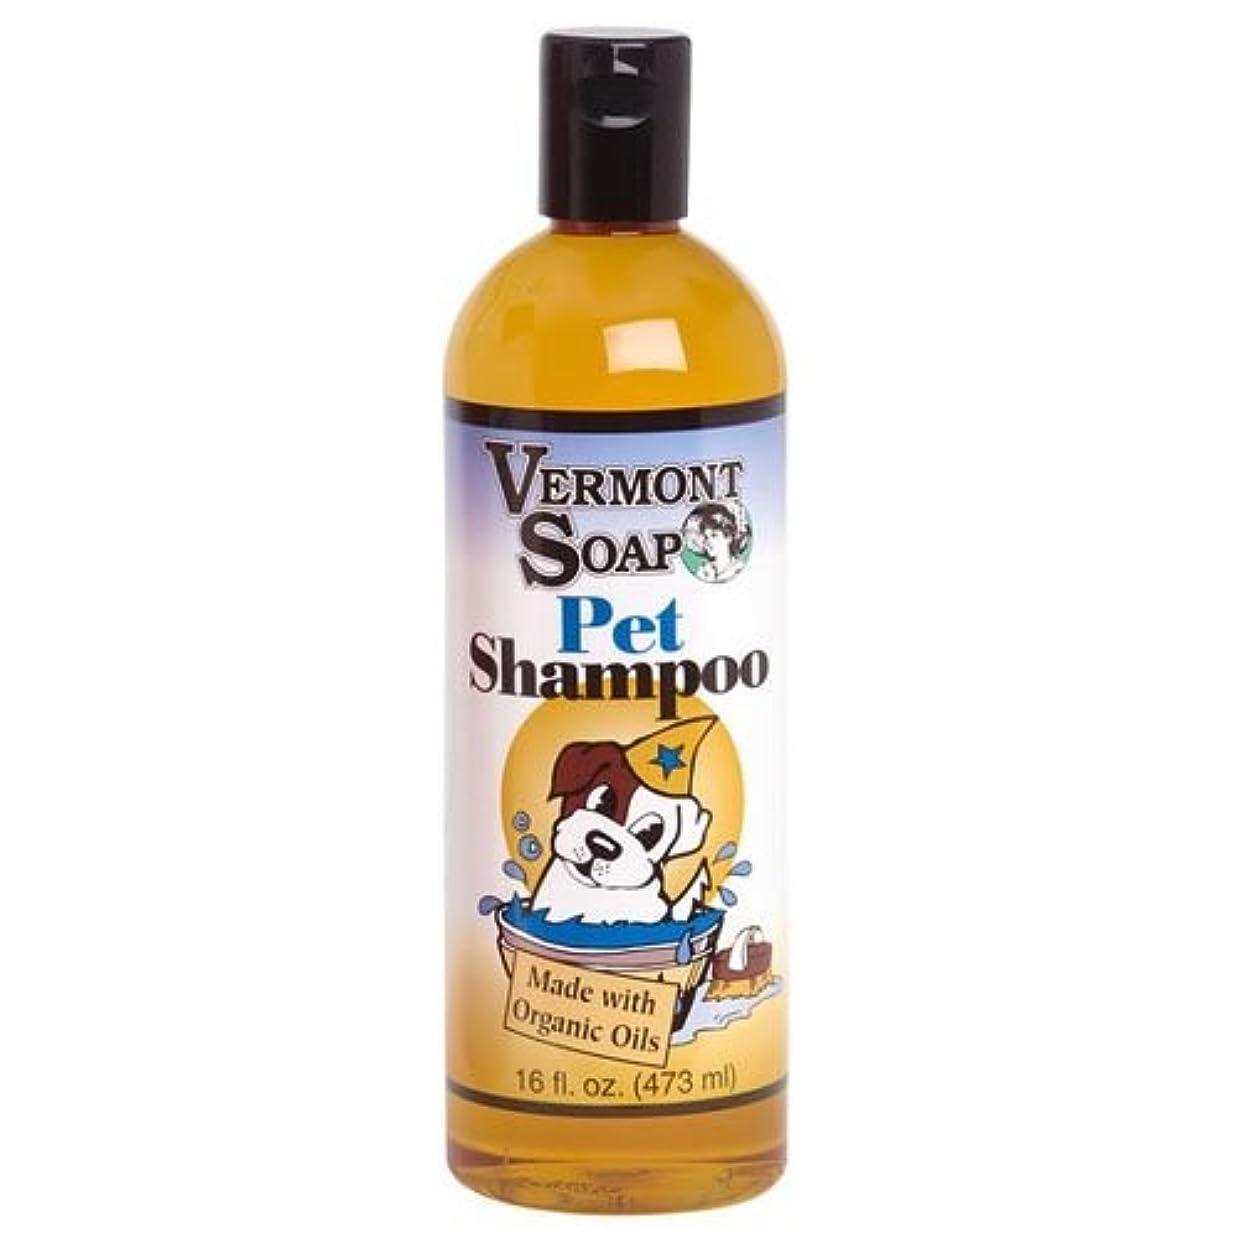 残り物アイスクリームスポーツをするバーモントソープ オーガニック ペットシャンプー Pet Shampoo